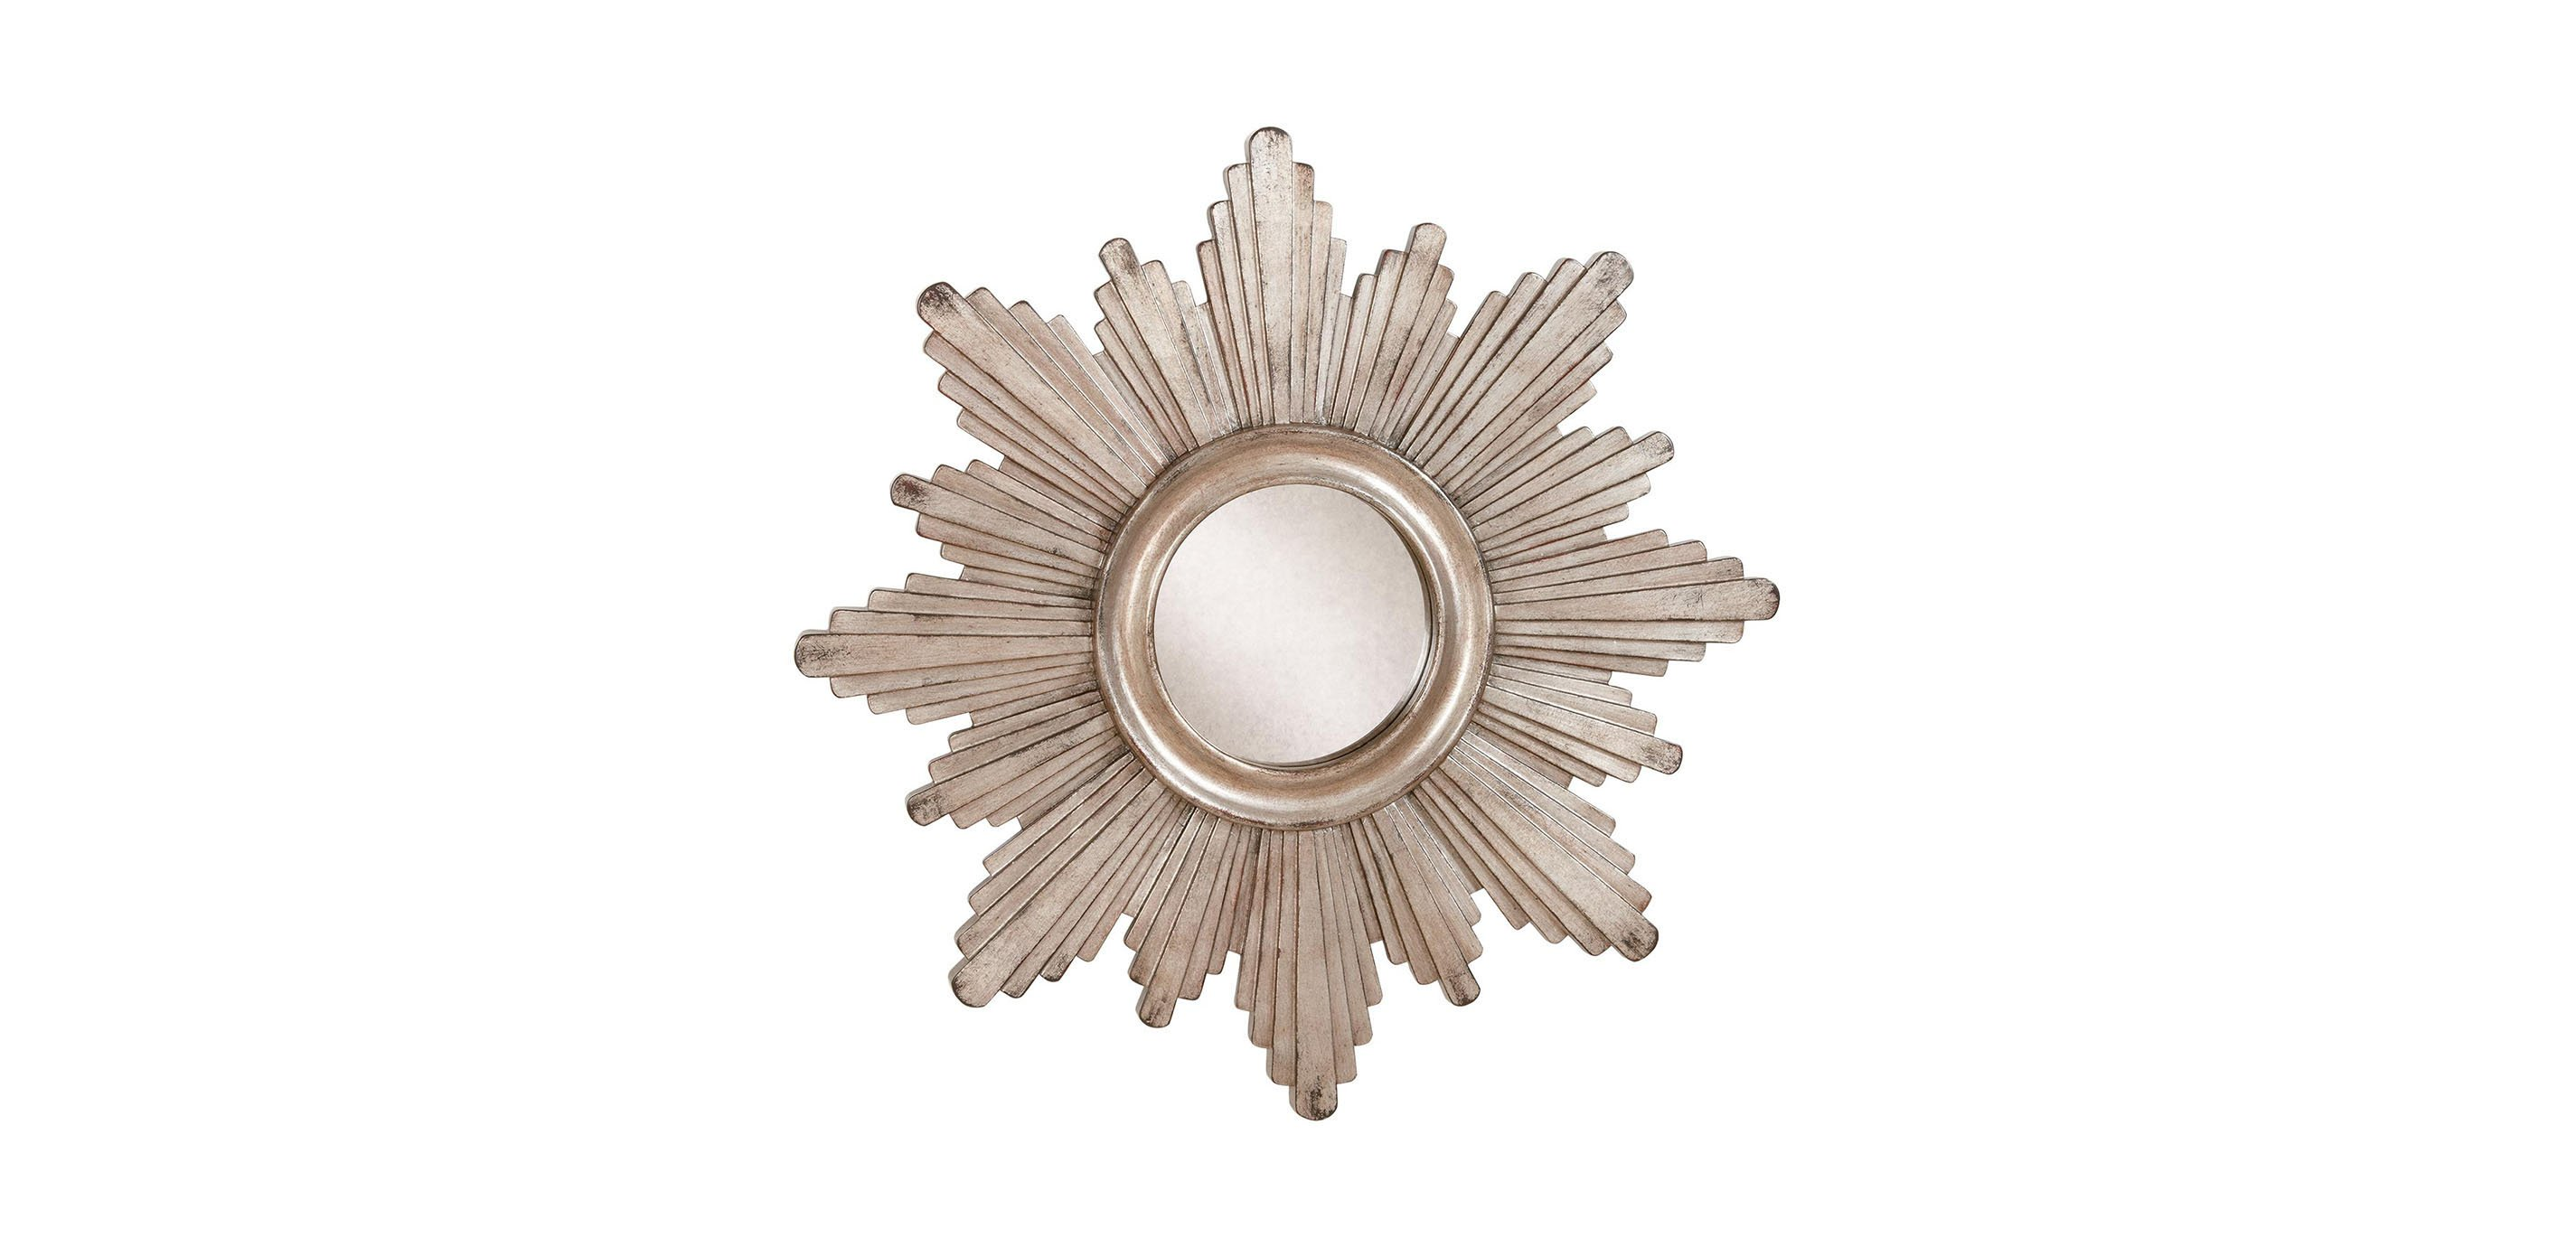 26 silver sunburst mirror mirrors for Sunburst mirror